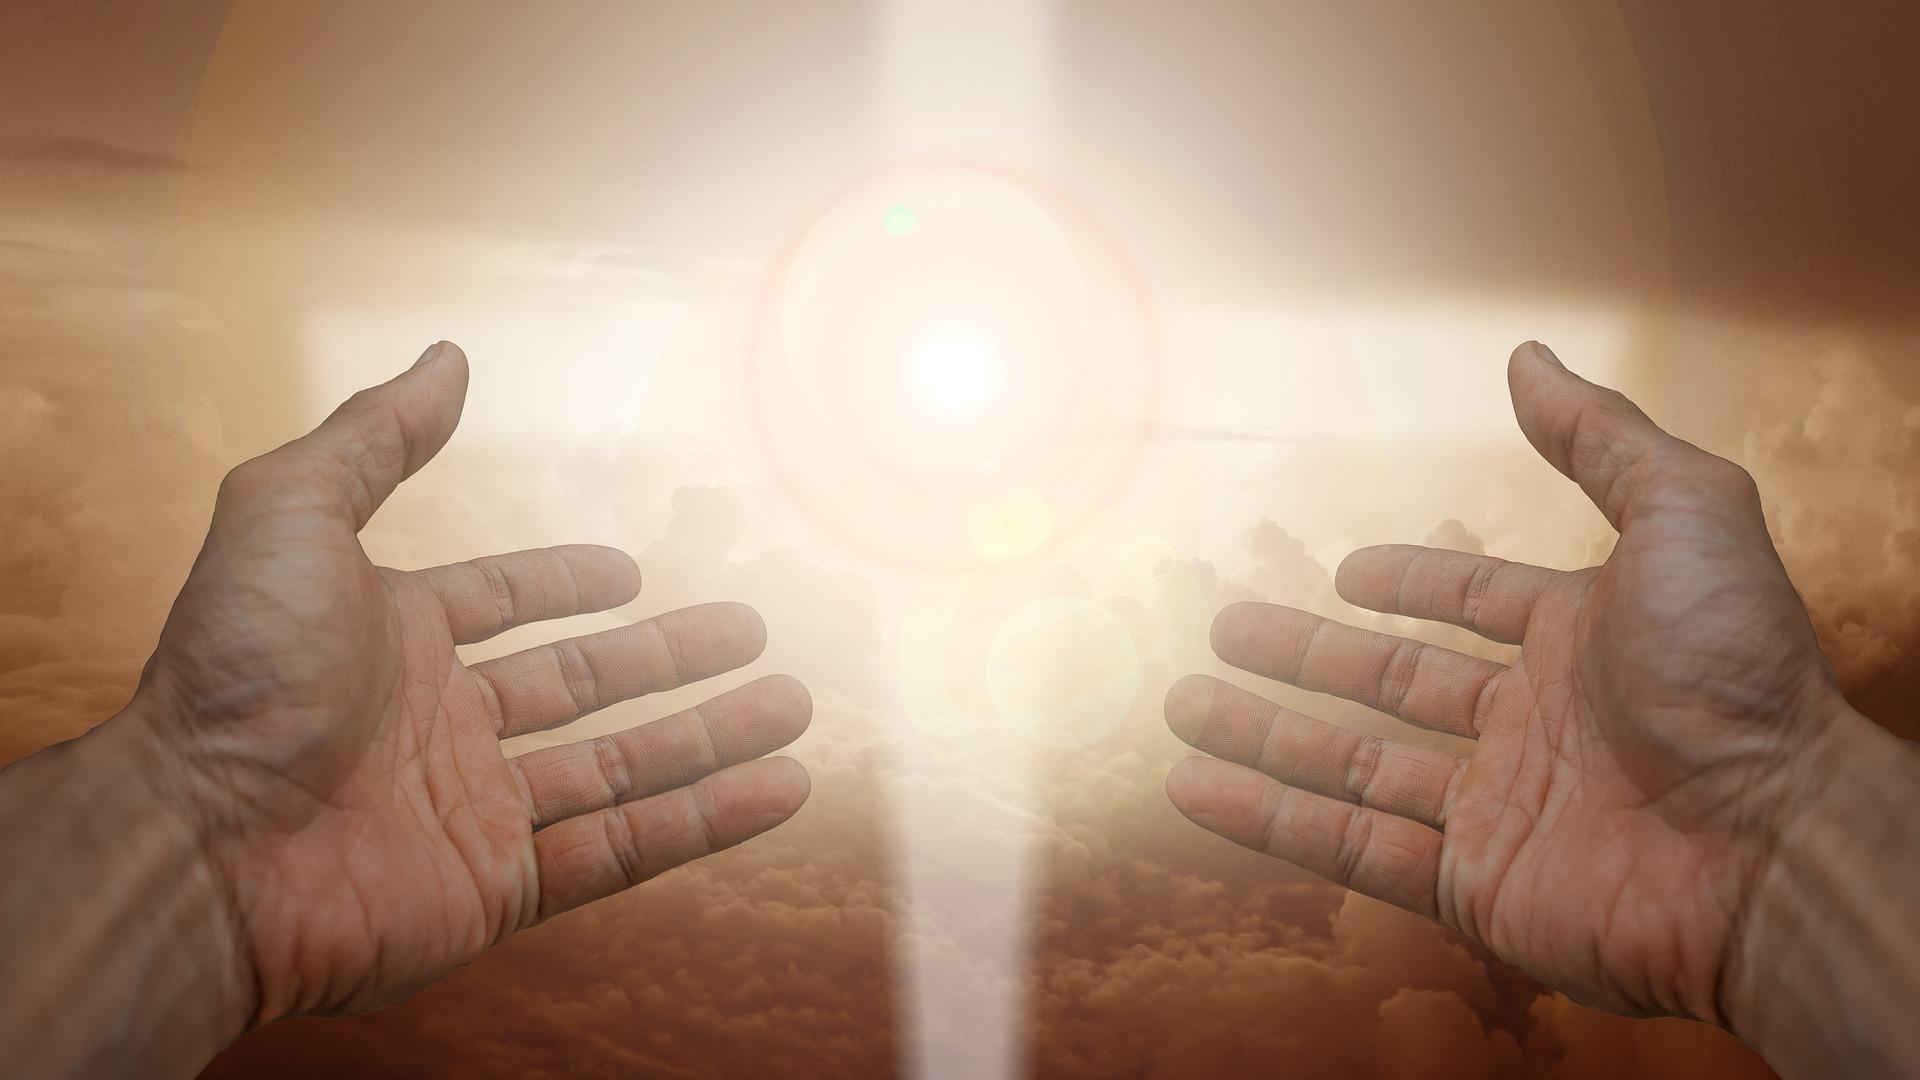 天神で当たると評判の占い店を調査 おすすめの天神の占い師をチェック